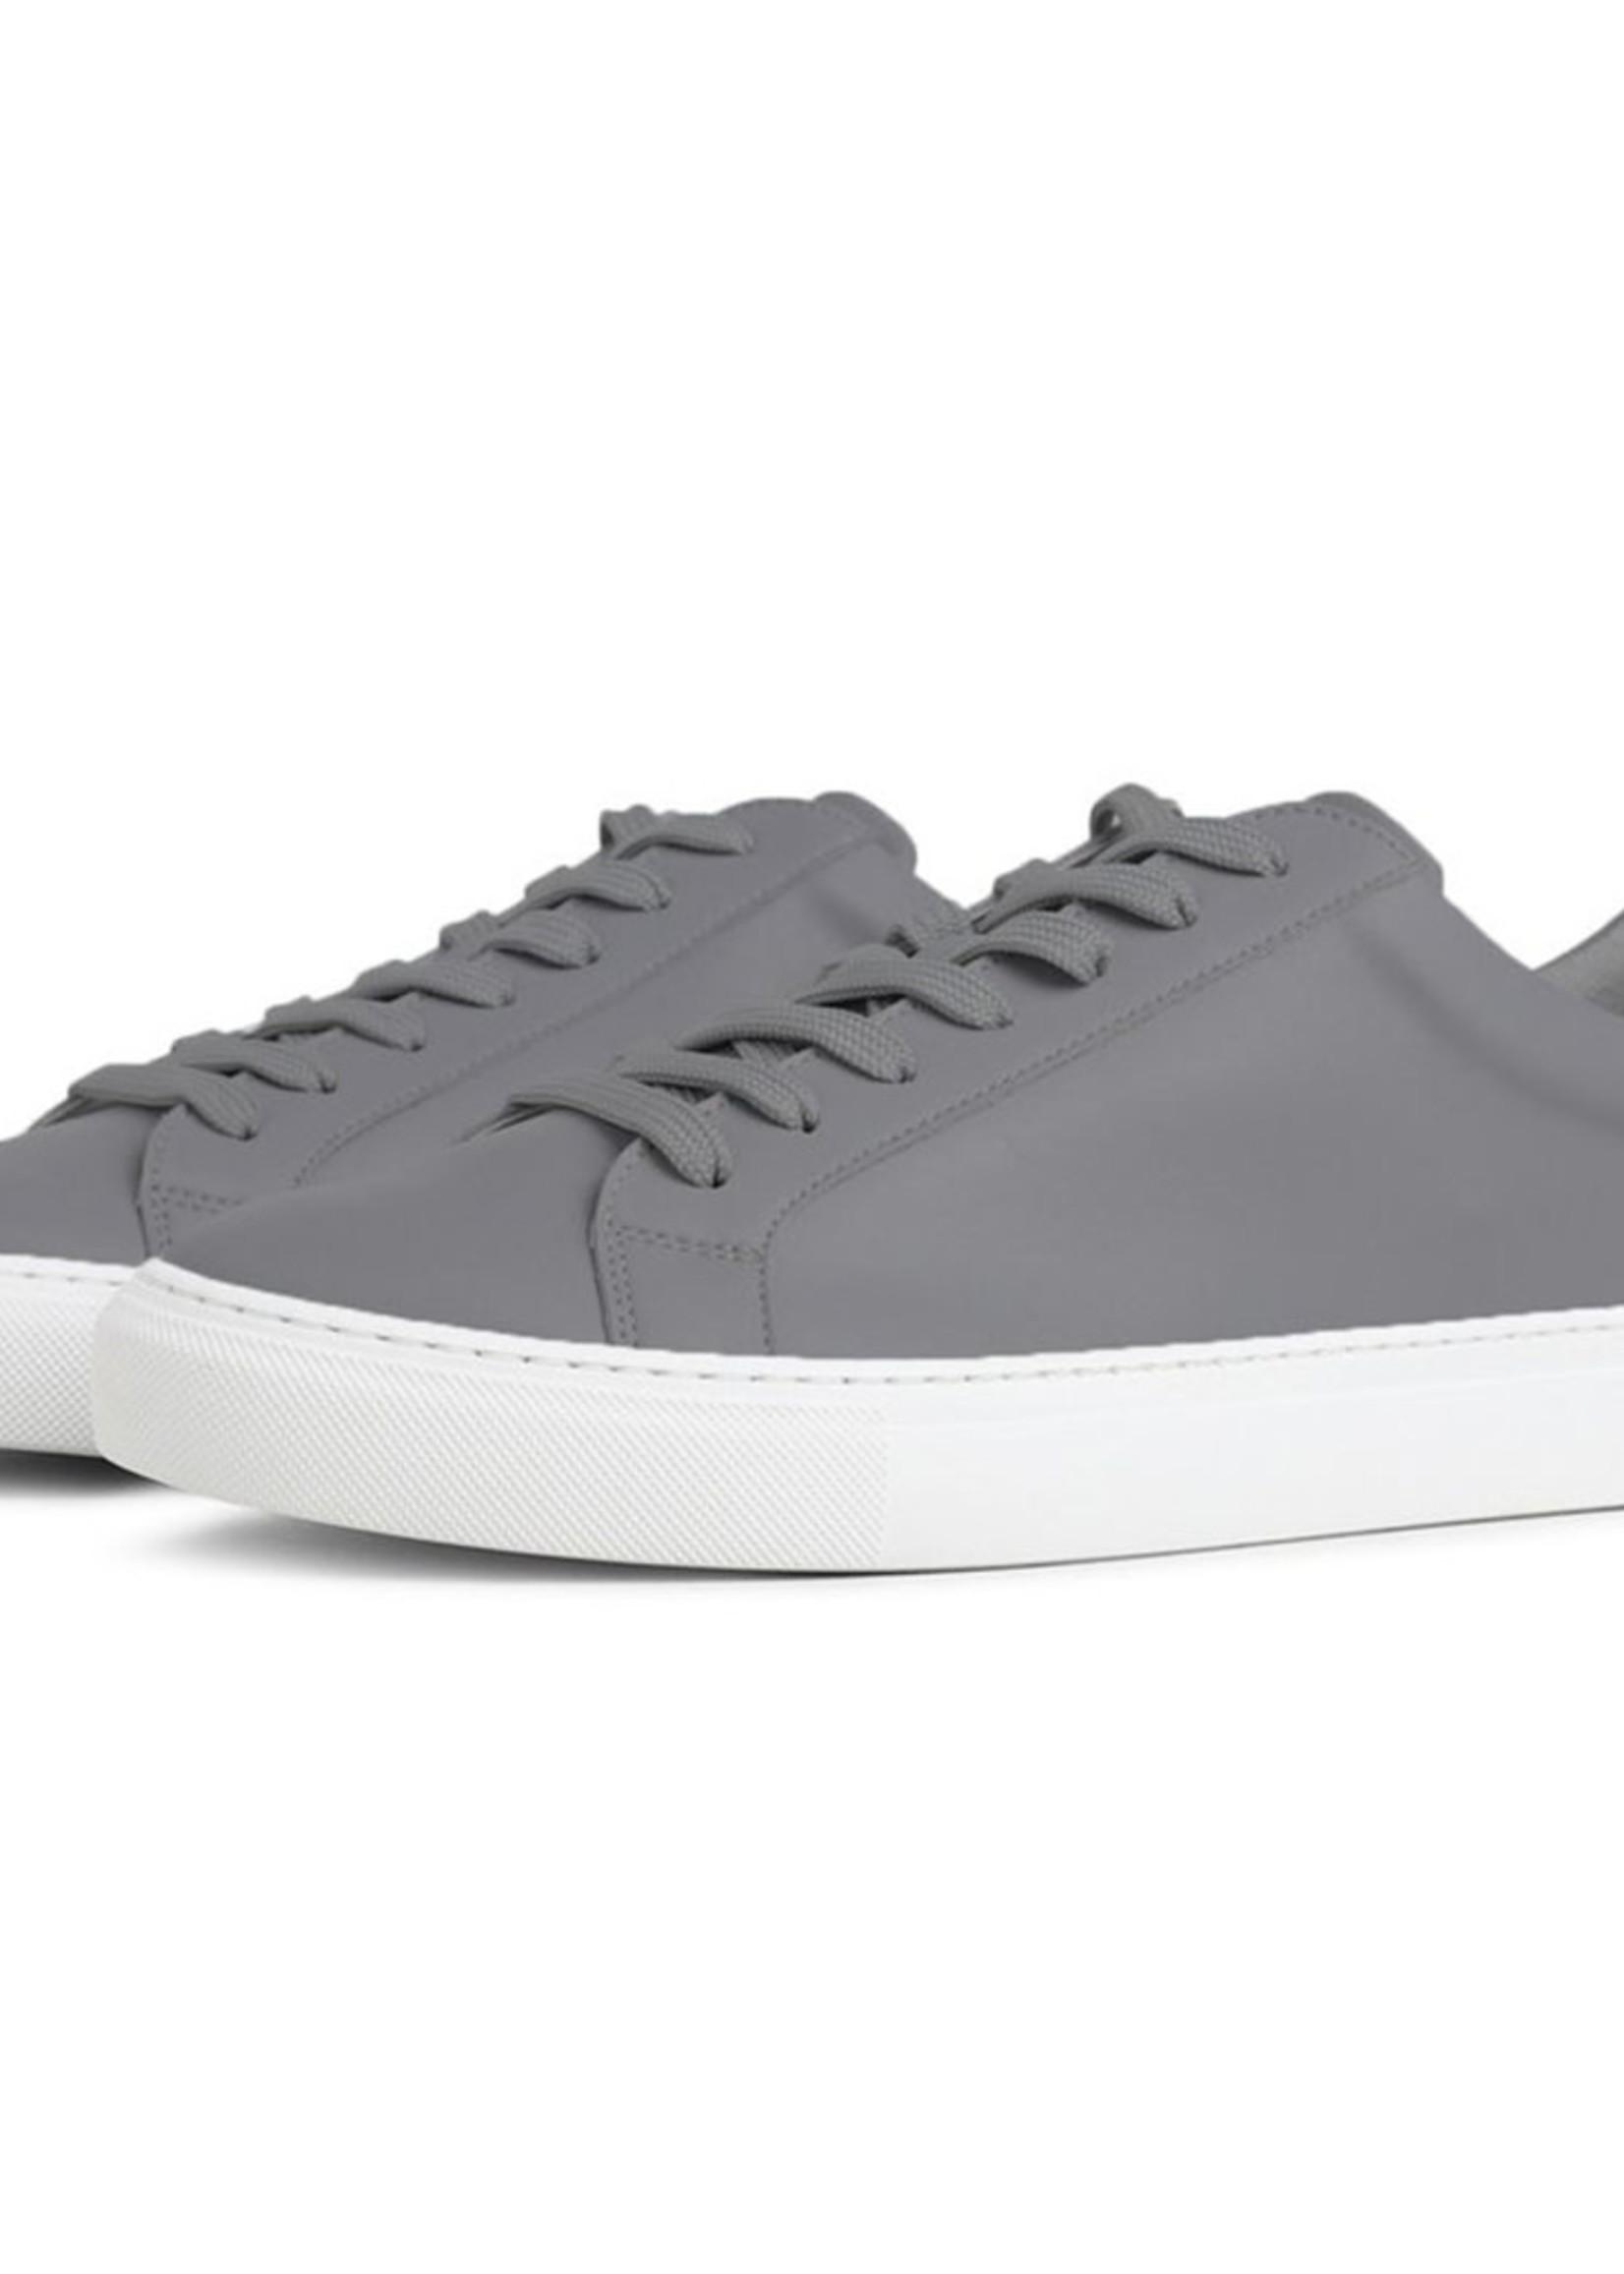 Garment Project Type Sneaker (Grey)